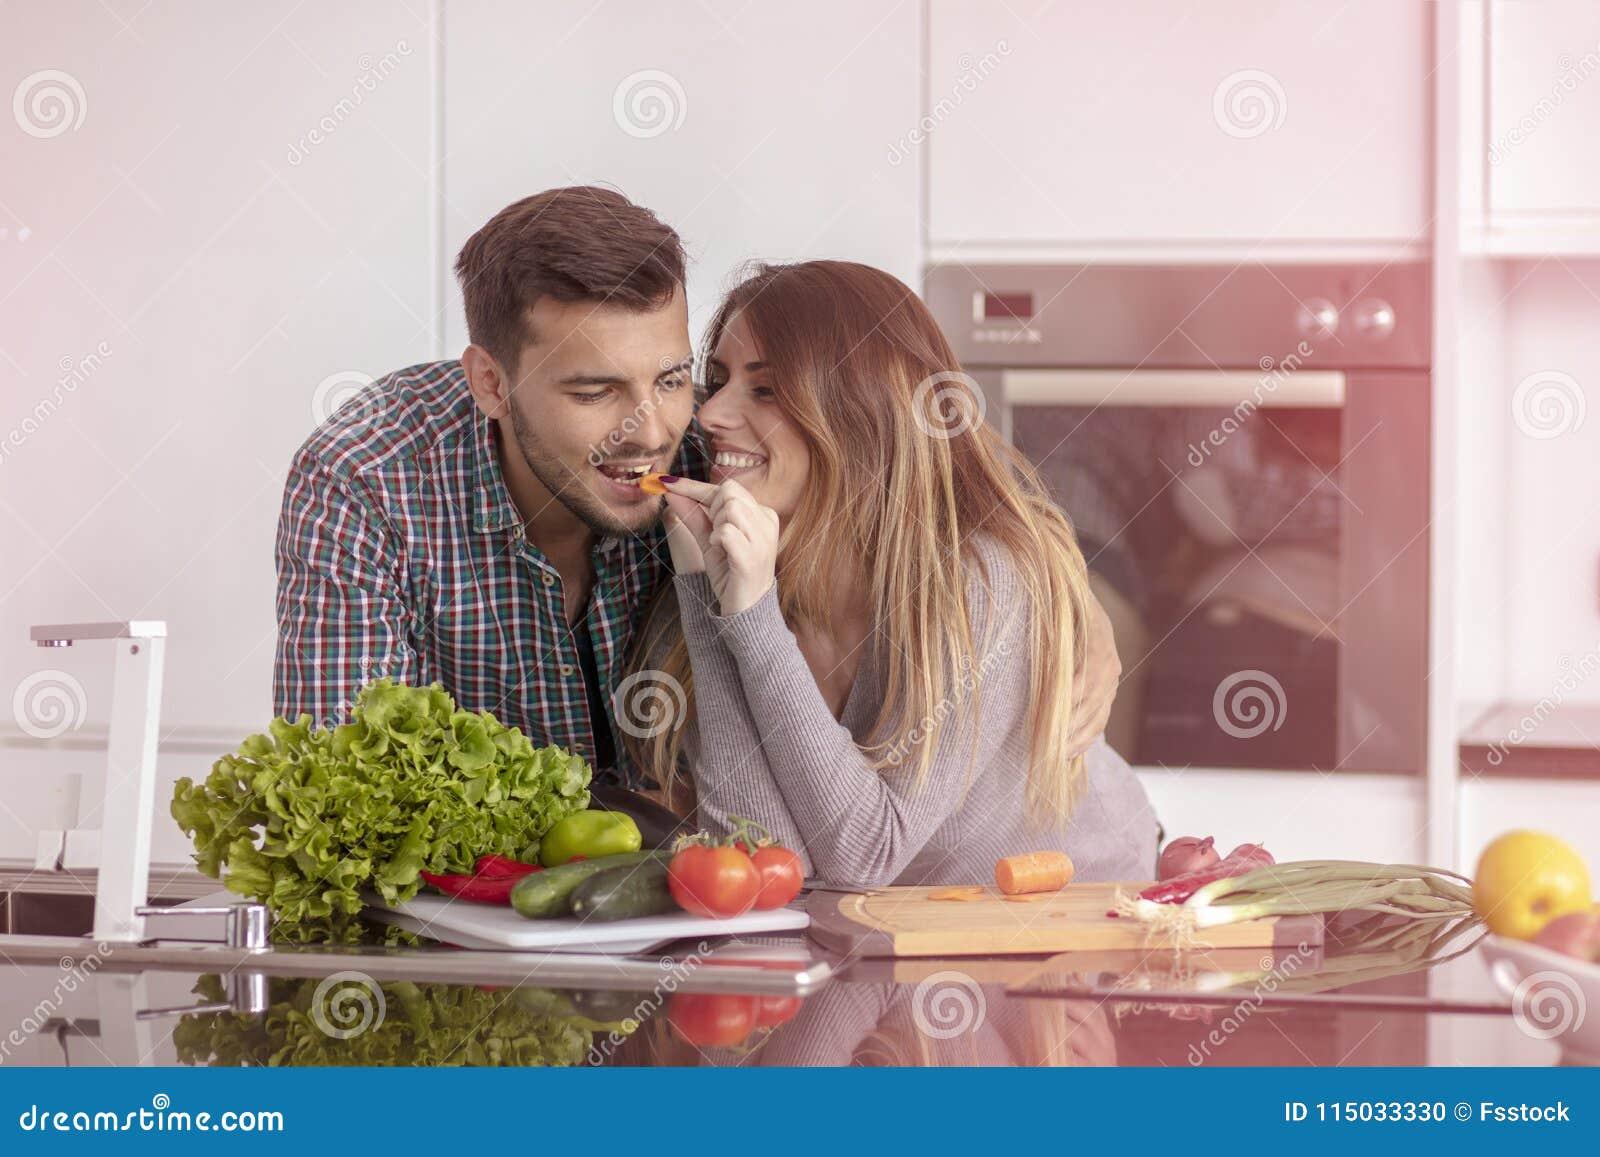 Portret van het gelukkige jonge paar koken samen in de keuken thuis